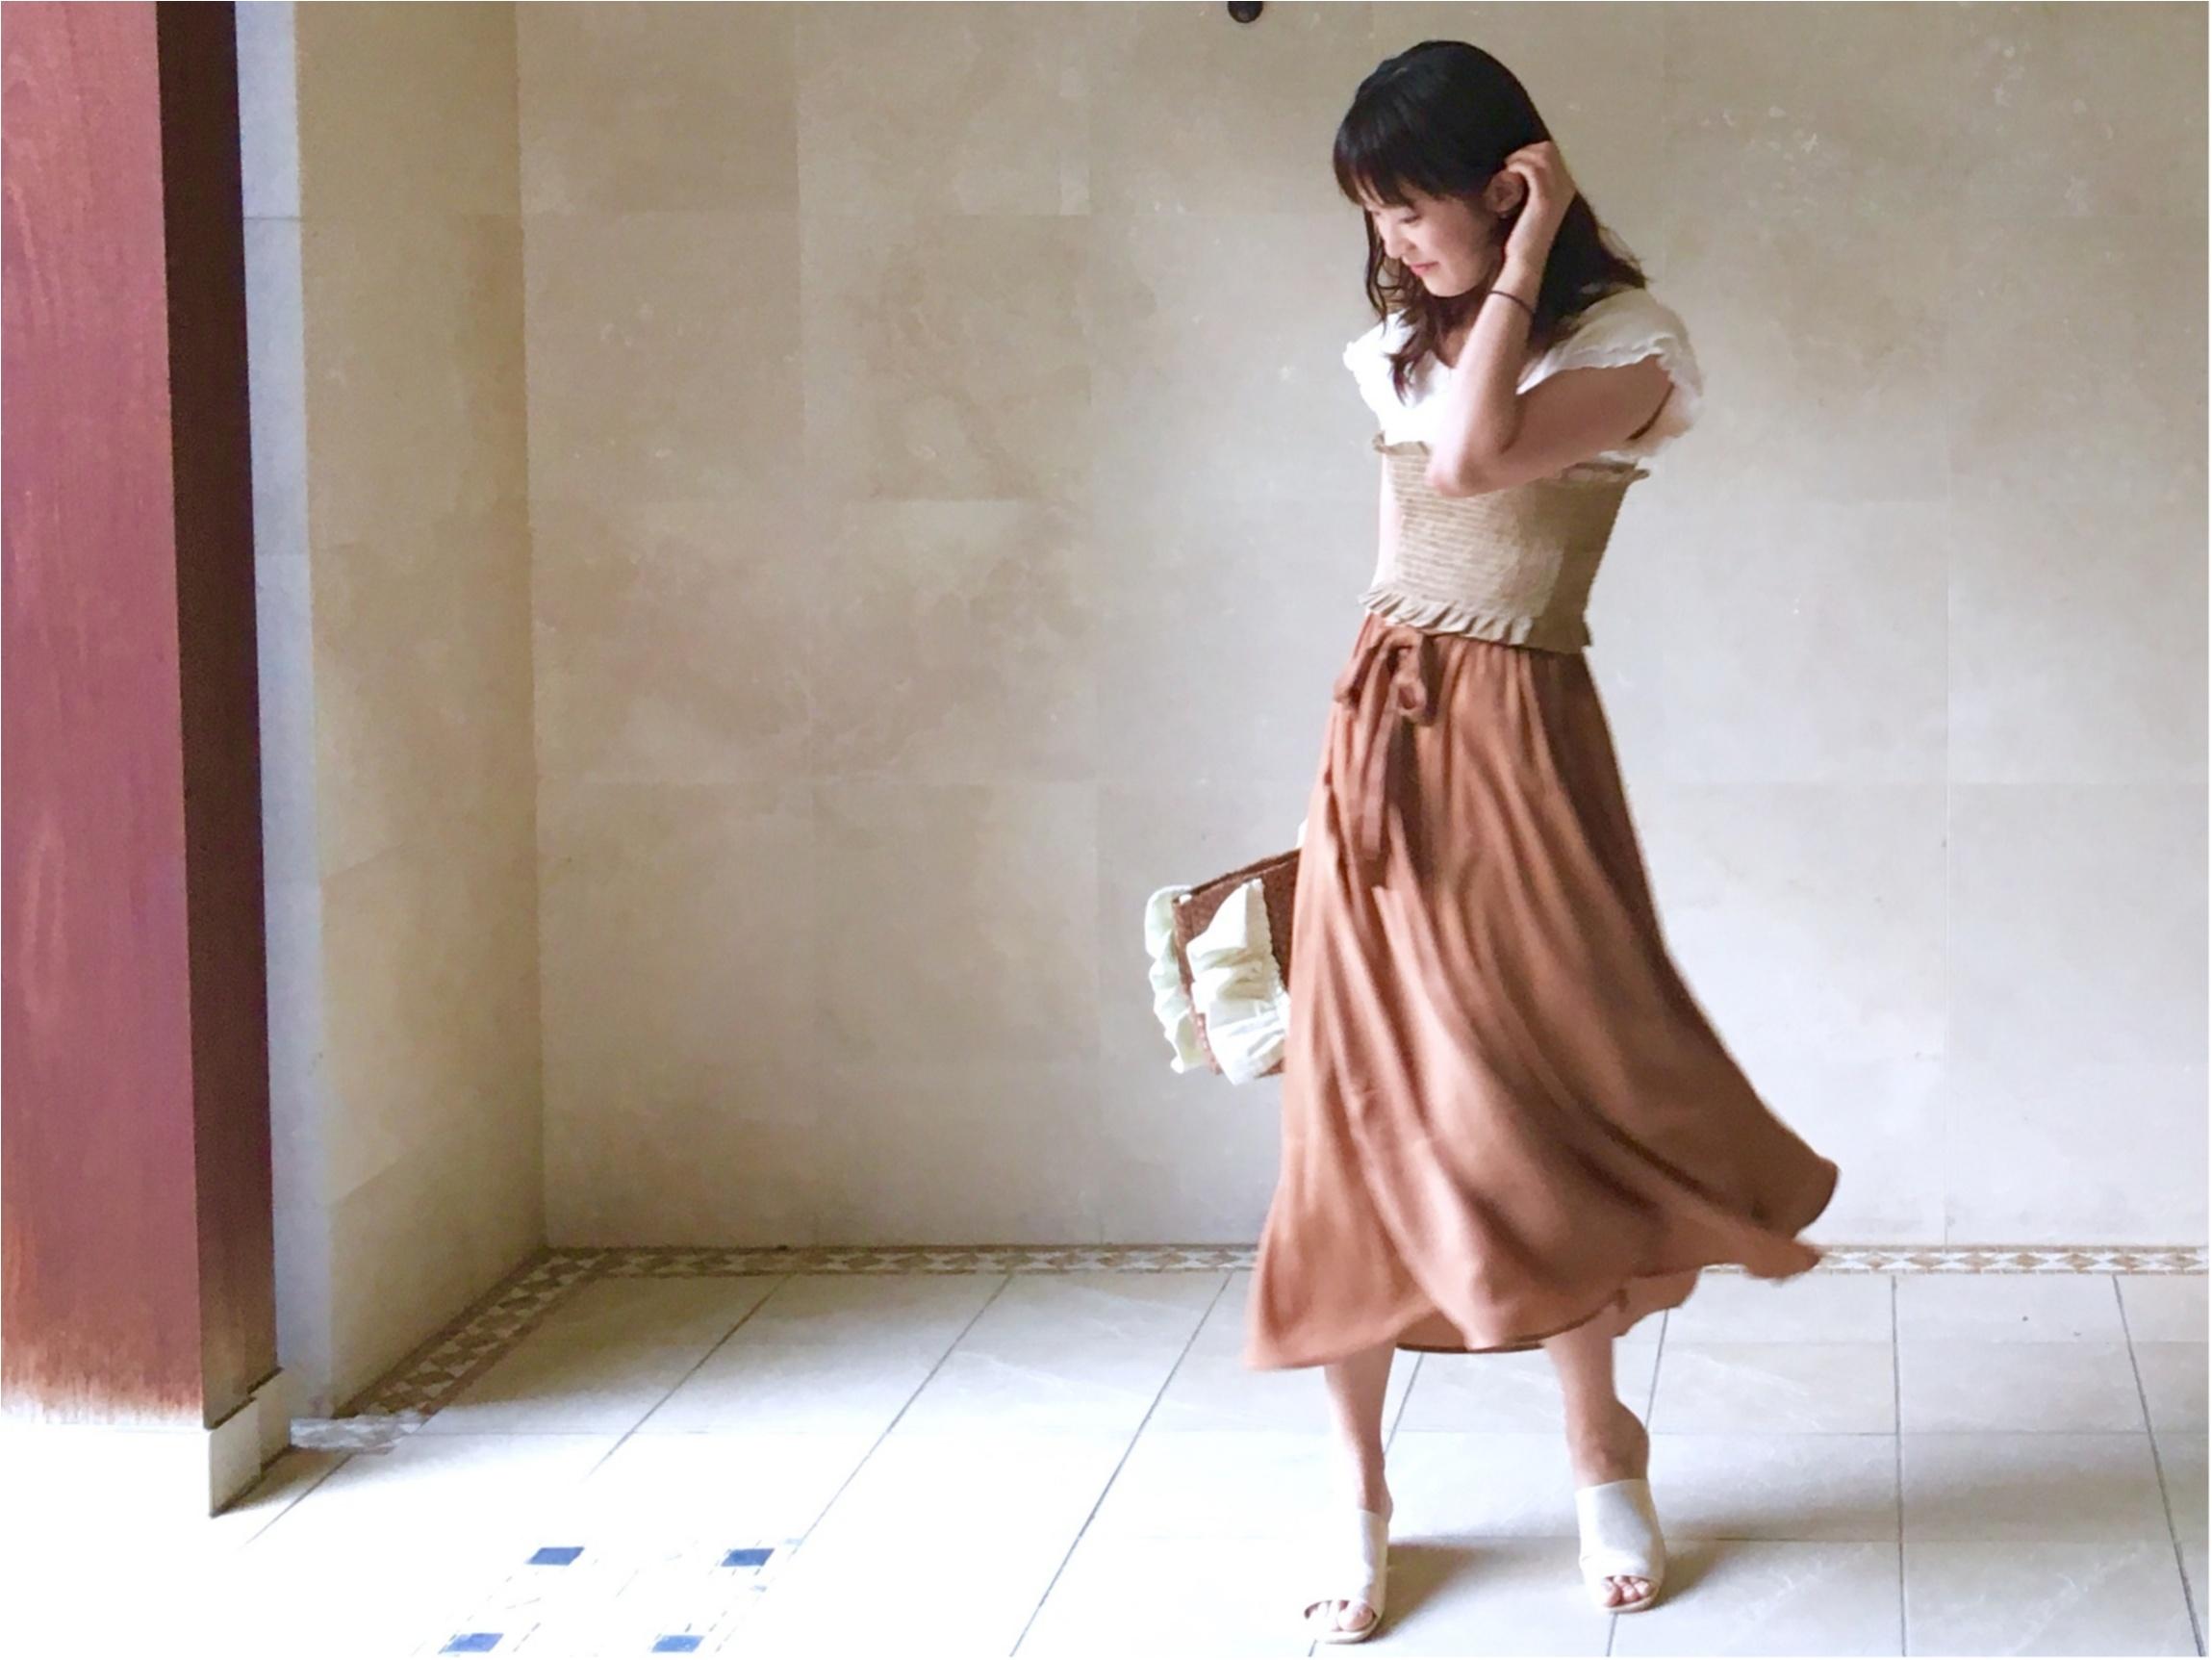 『ユニクロ』全身コーデで2670円!? 『GU』の高見えスカート、『星乃珈琲店』のモーニングがトップ3に♡ 今週のモアハピ部人気ランキングトップ5!_1_3